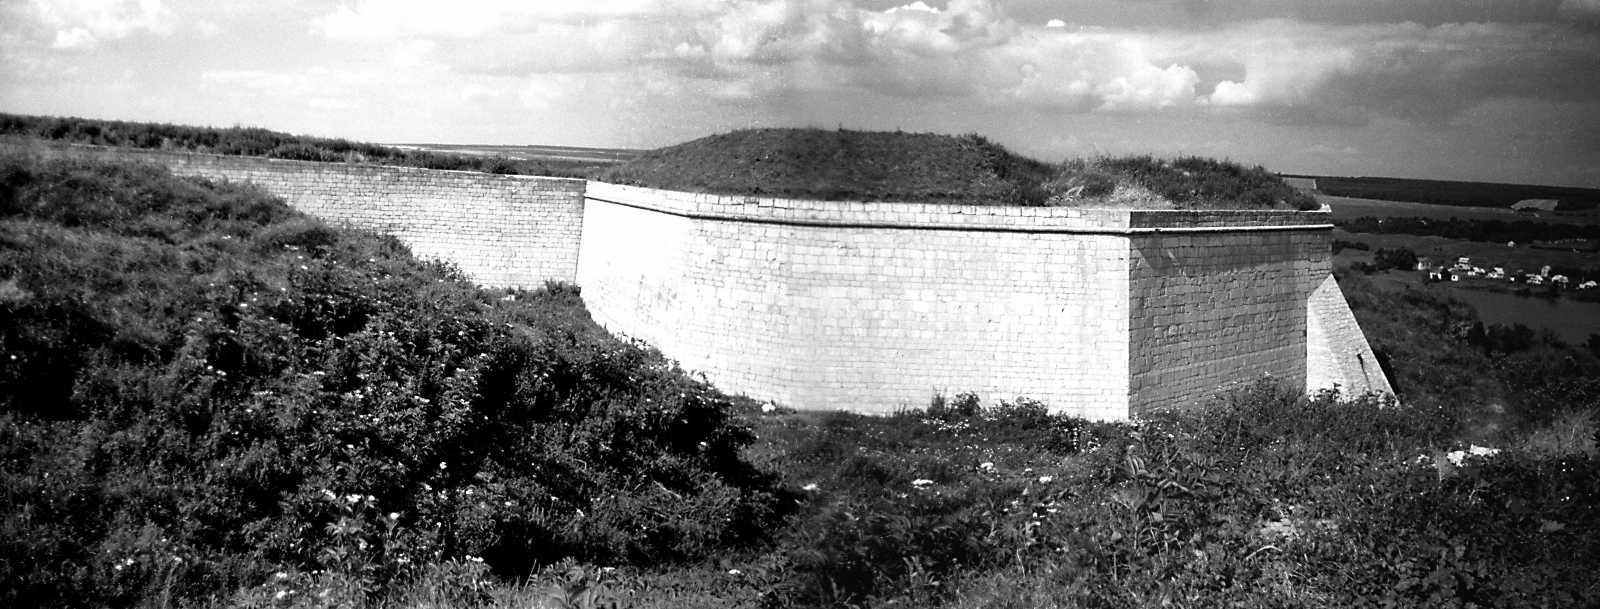 1991 р. Бастіон 1. Панорама з південного заходу